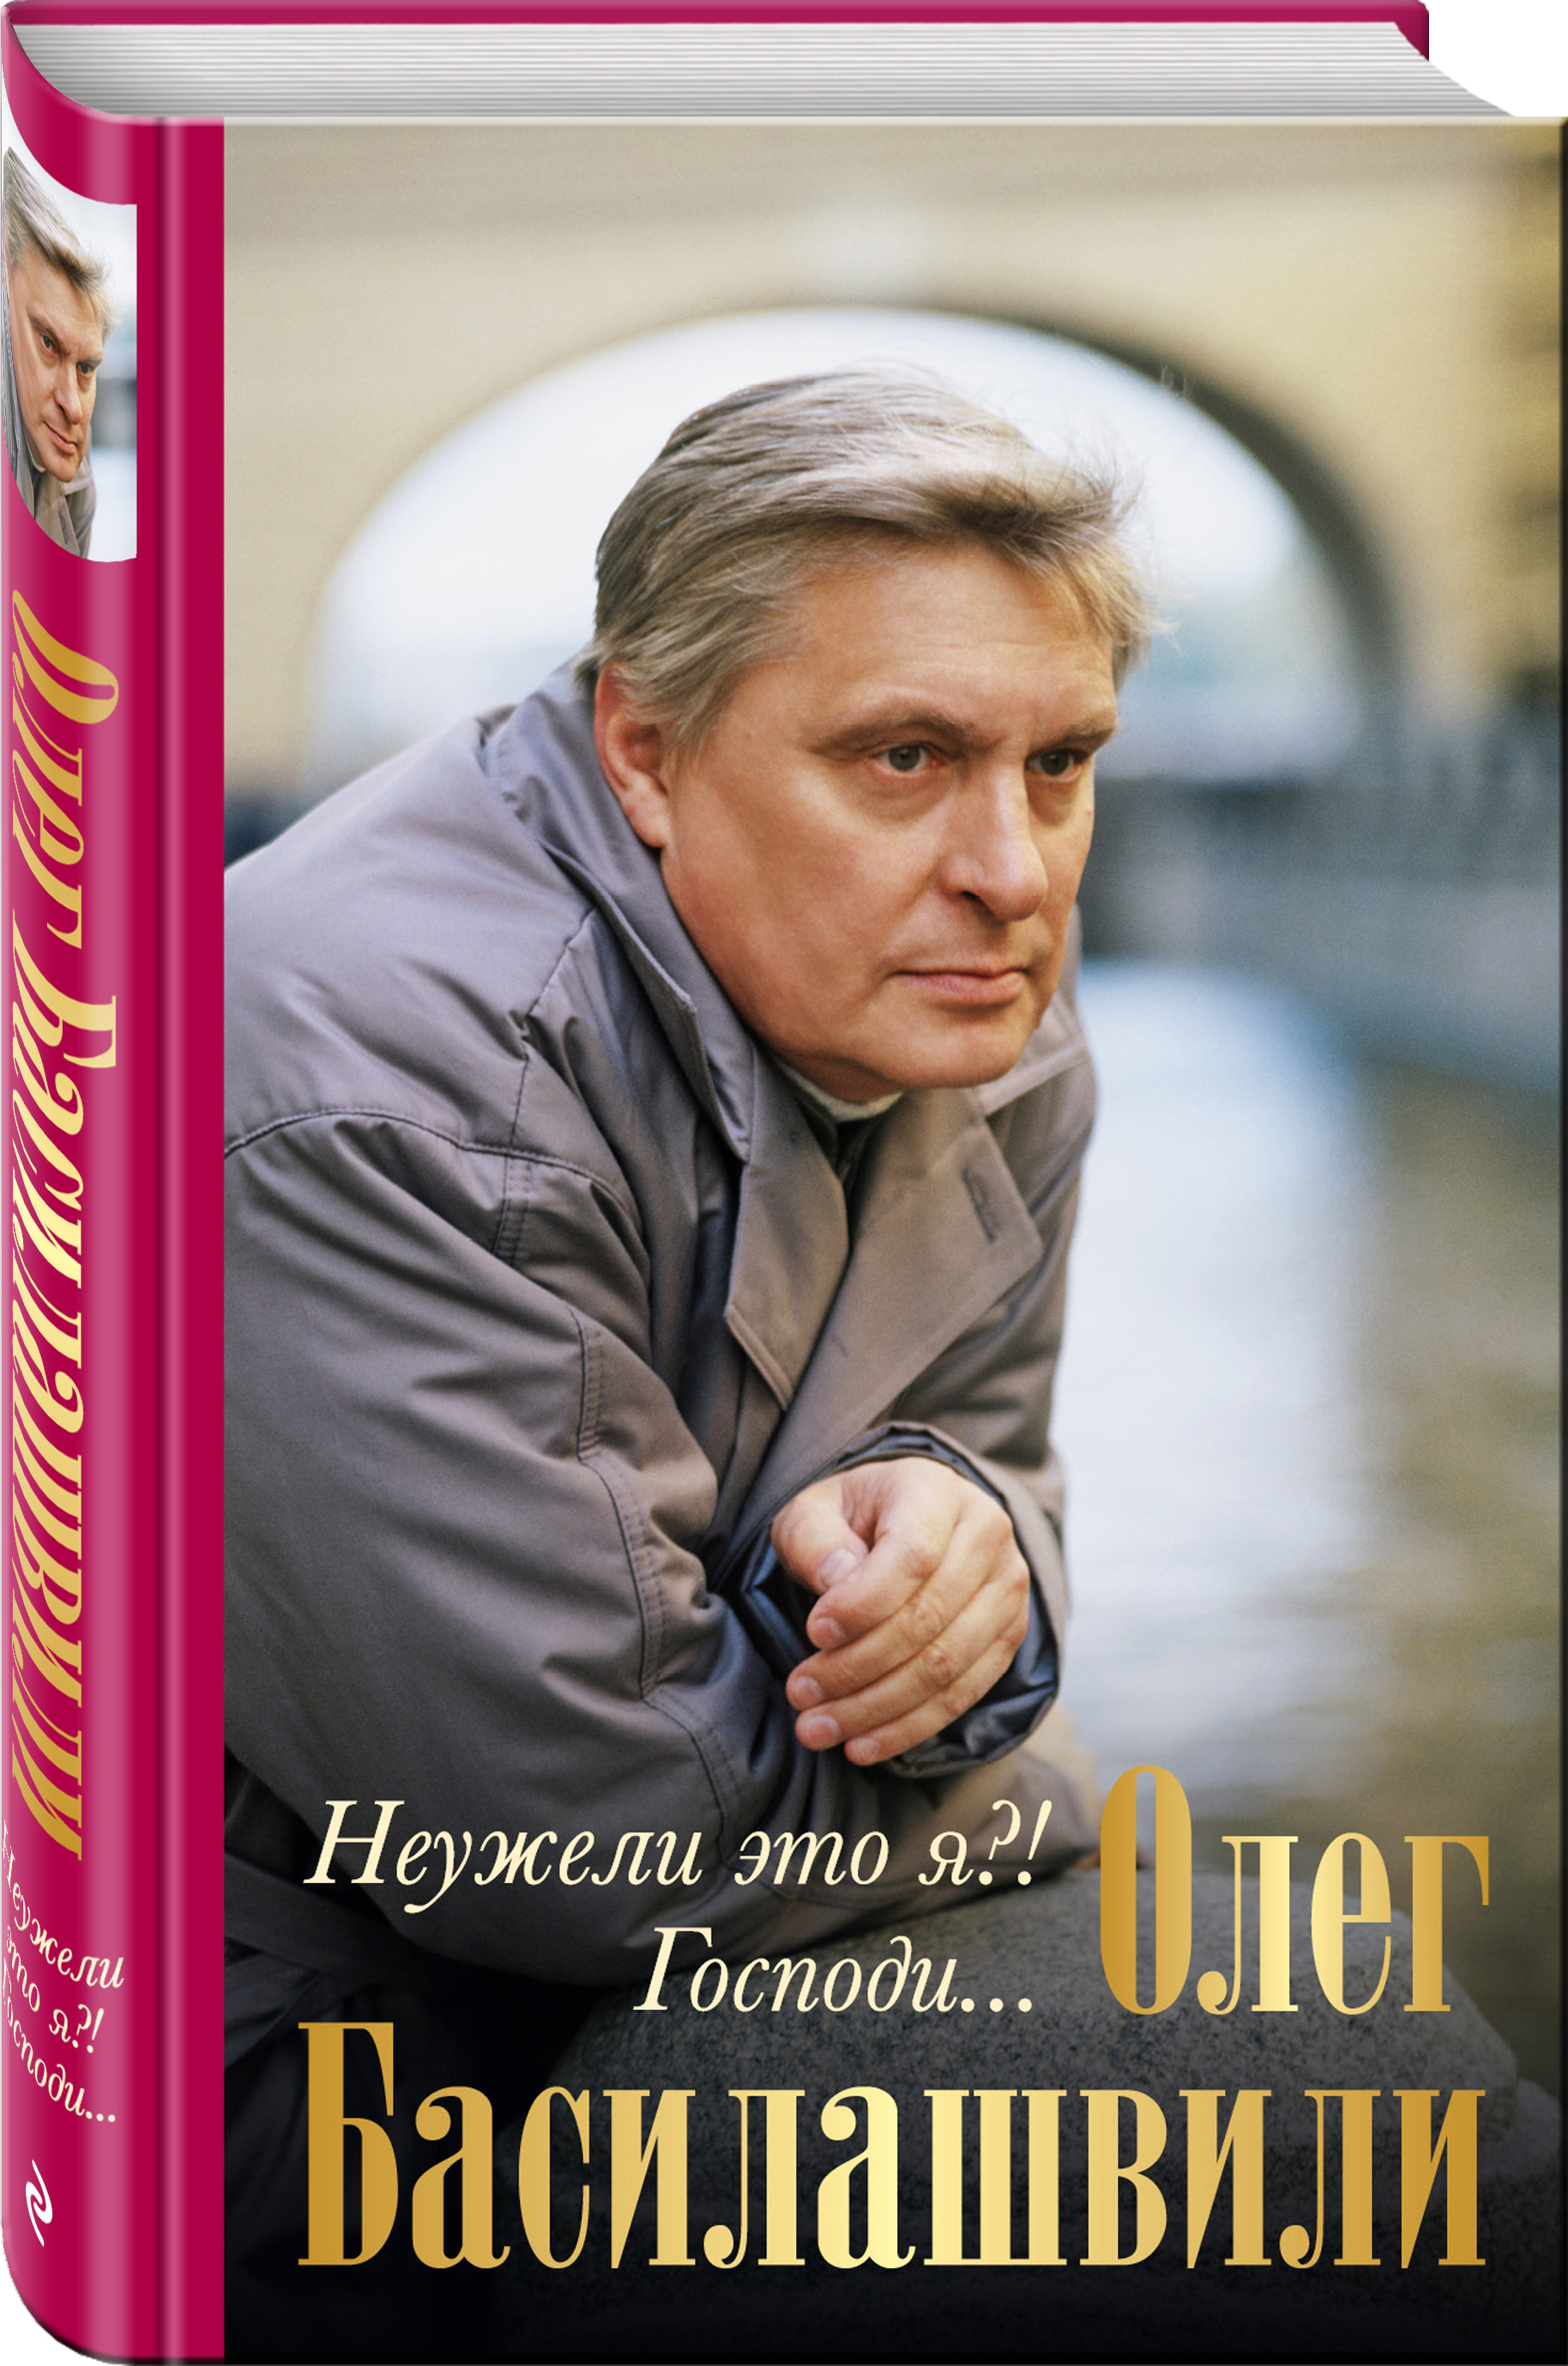 Олег Басилашвили Неужели это я?! Господи... олег ракшин про памятник чехословацкому легиону в самаре